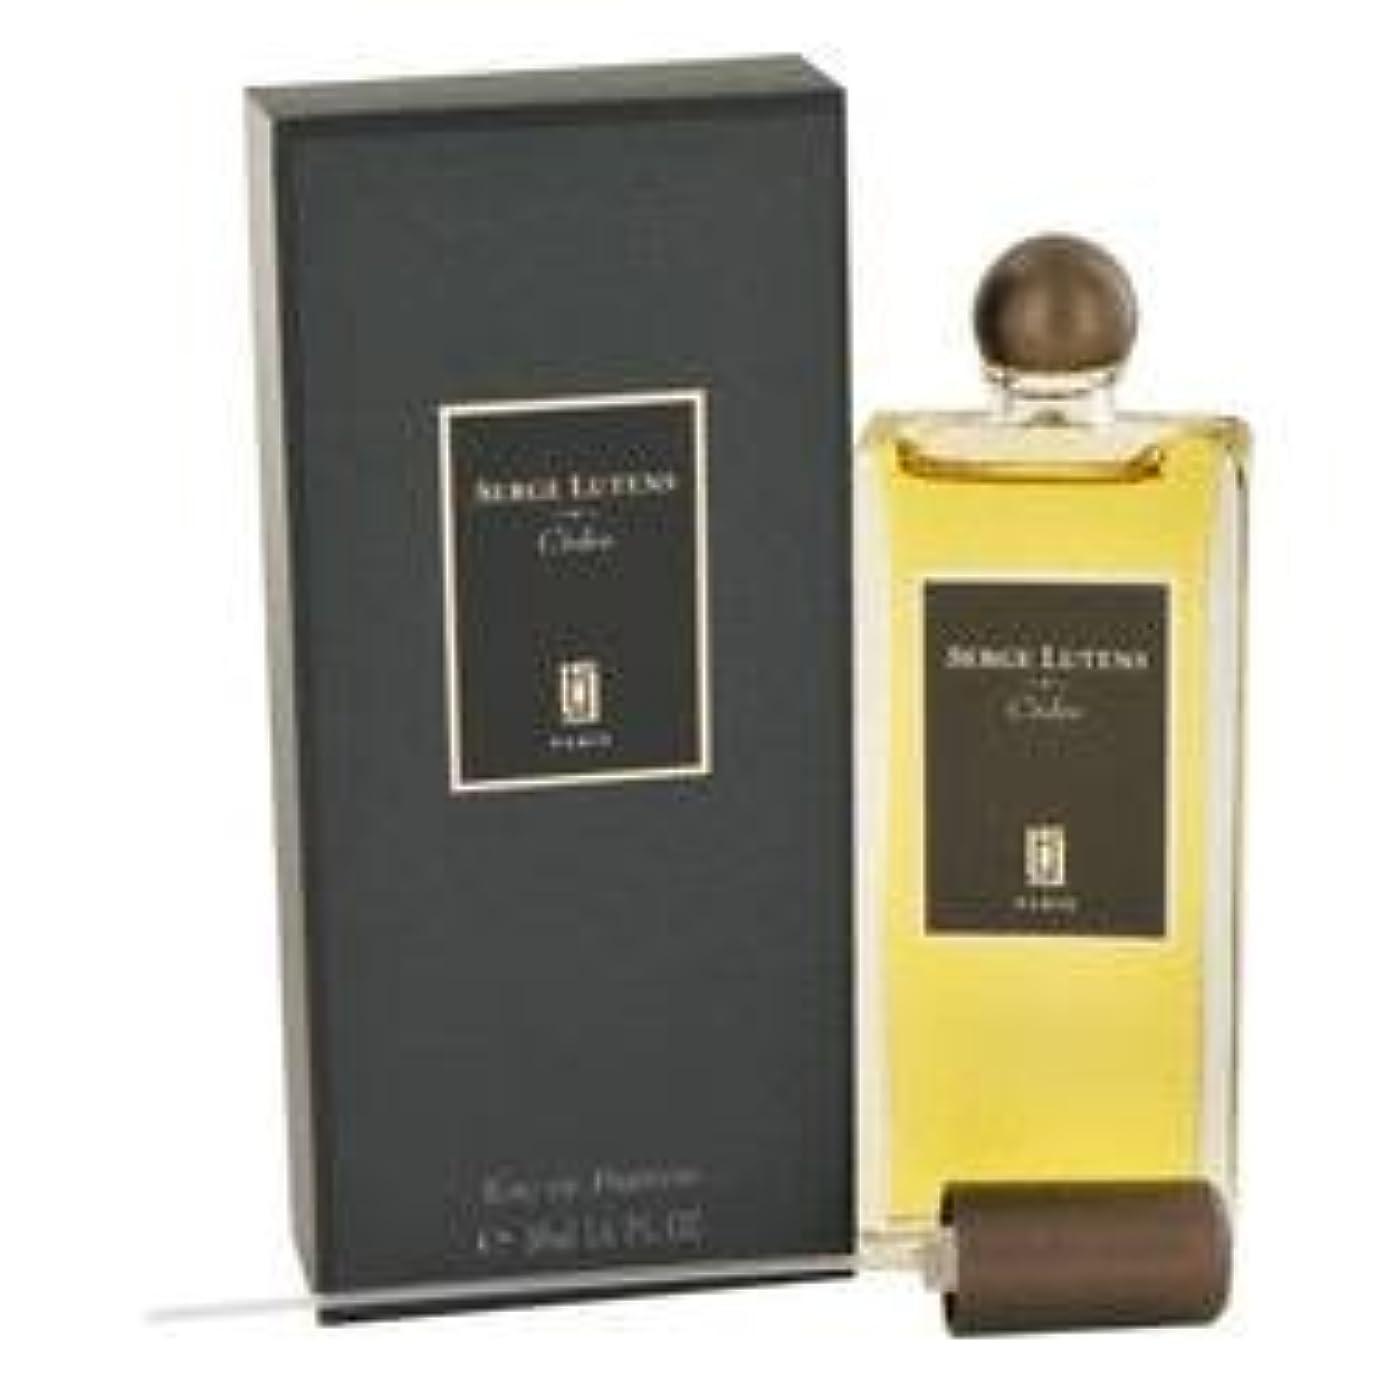 ナット甘美な行商人Cedre Eau De Parfum Spray (Unisex) By Serge Lutens